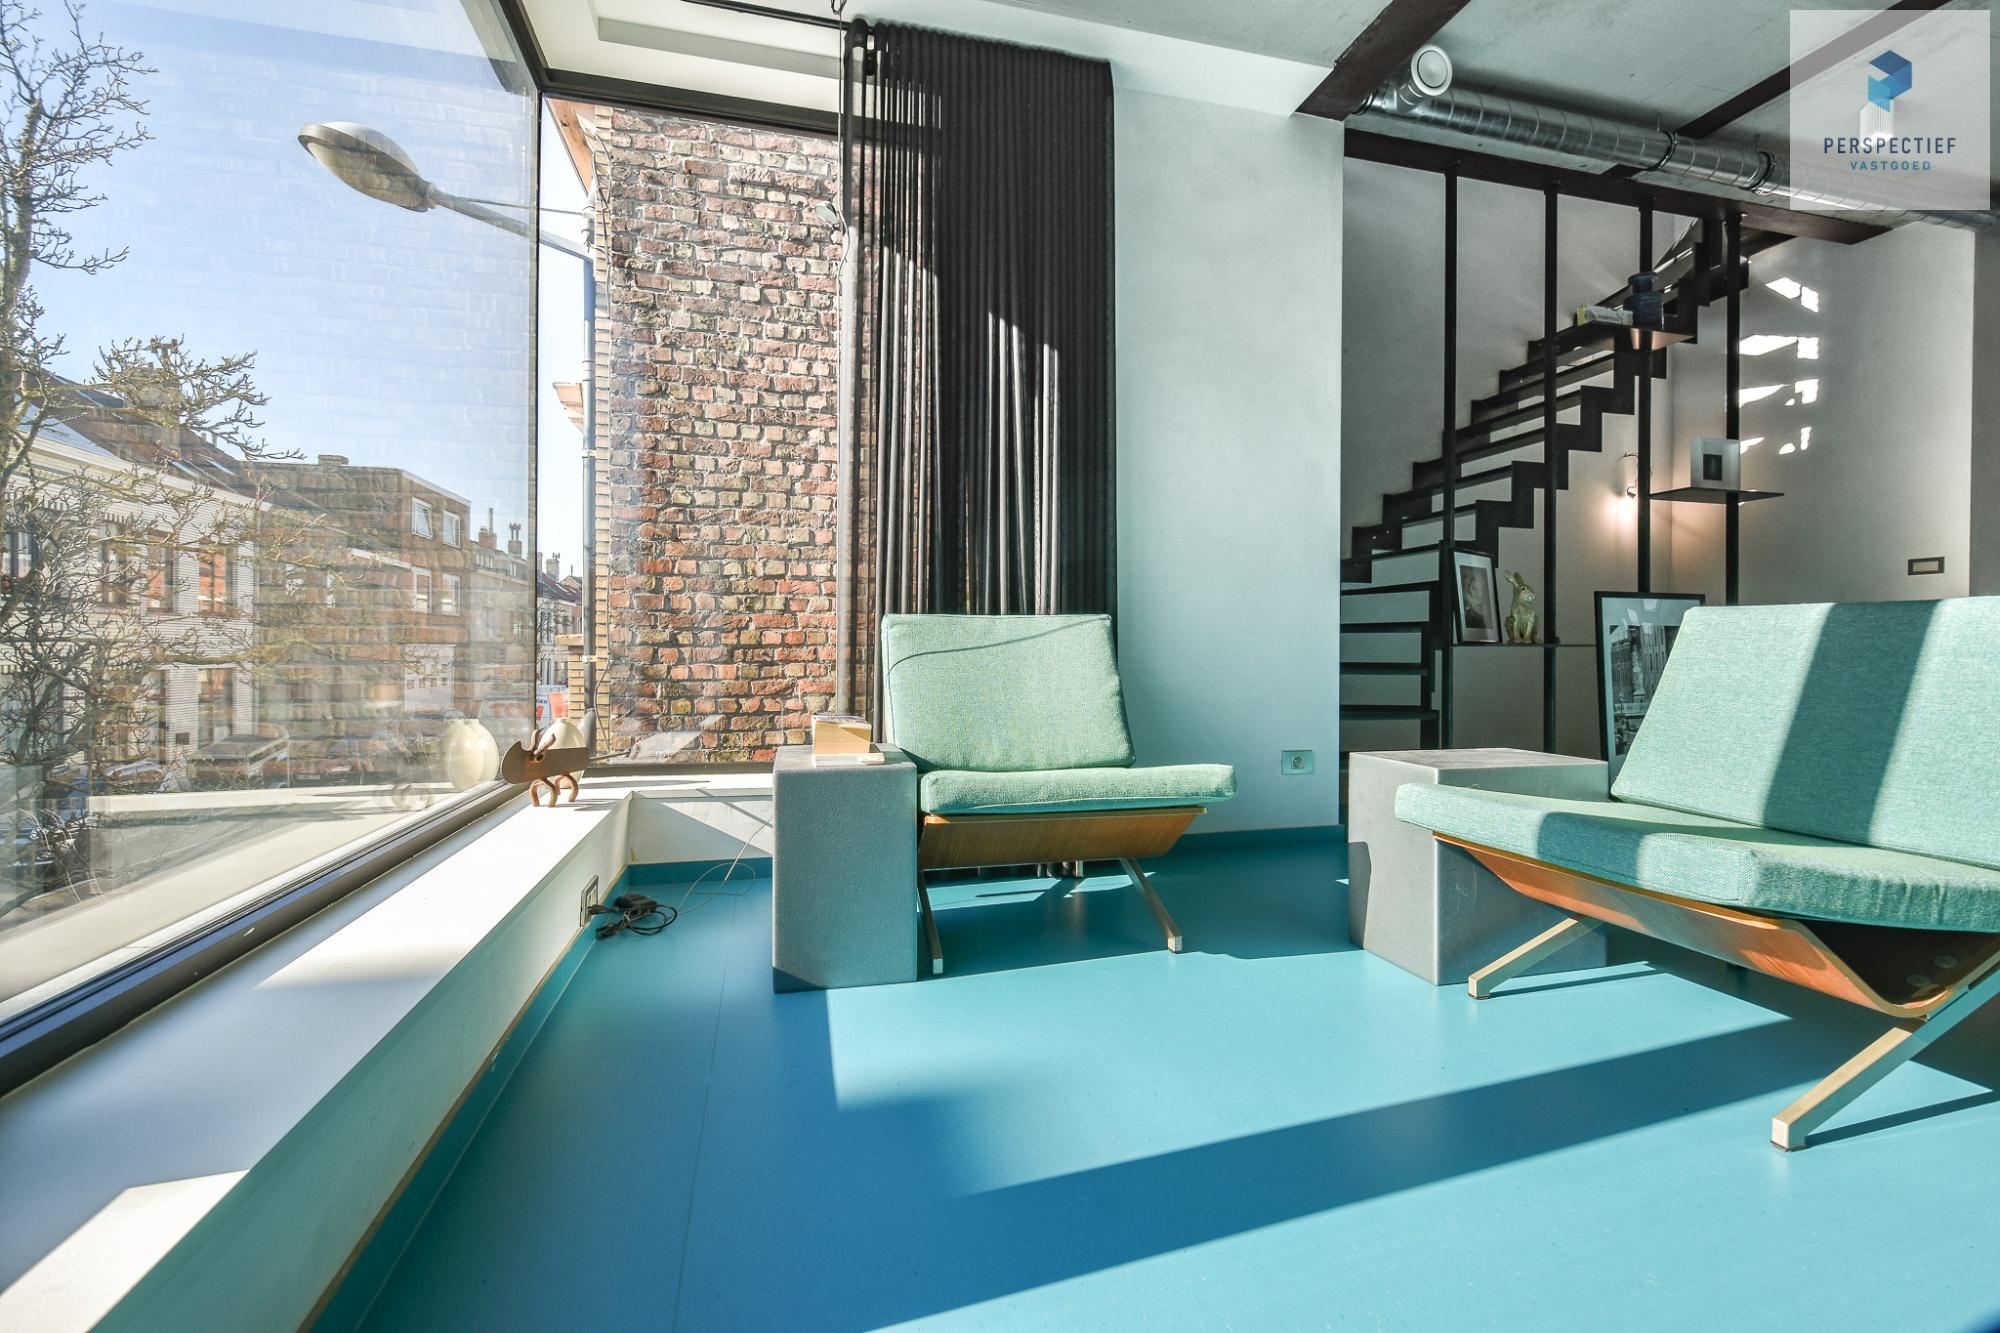 Ruime moderne architectenwoning en kantoor (bj 2018) met 3 verdiepingen, spectaculair dakterras en tuin - 2